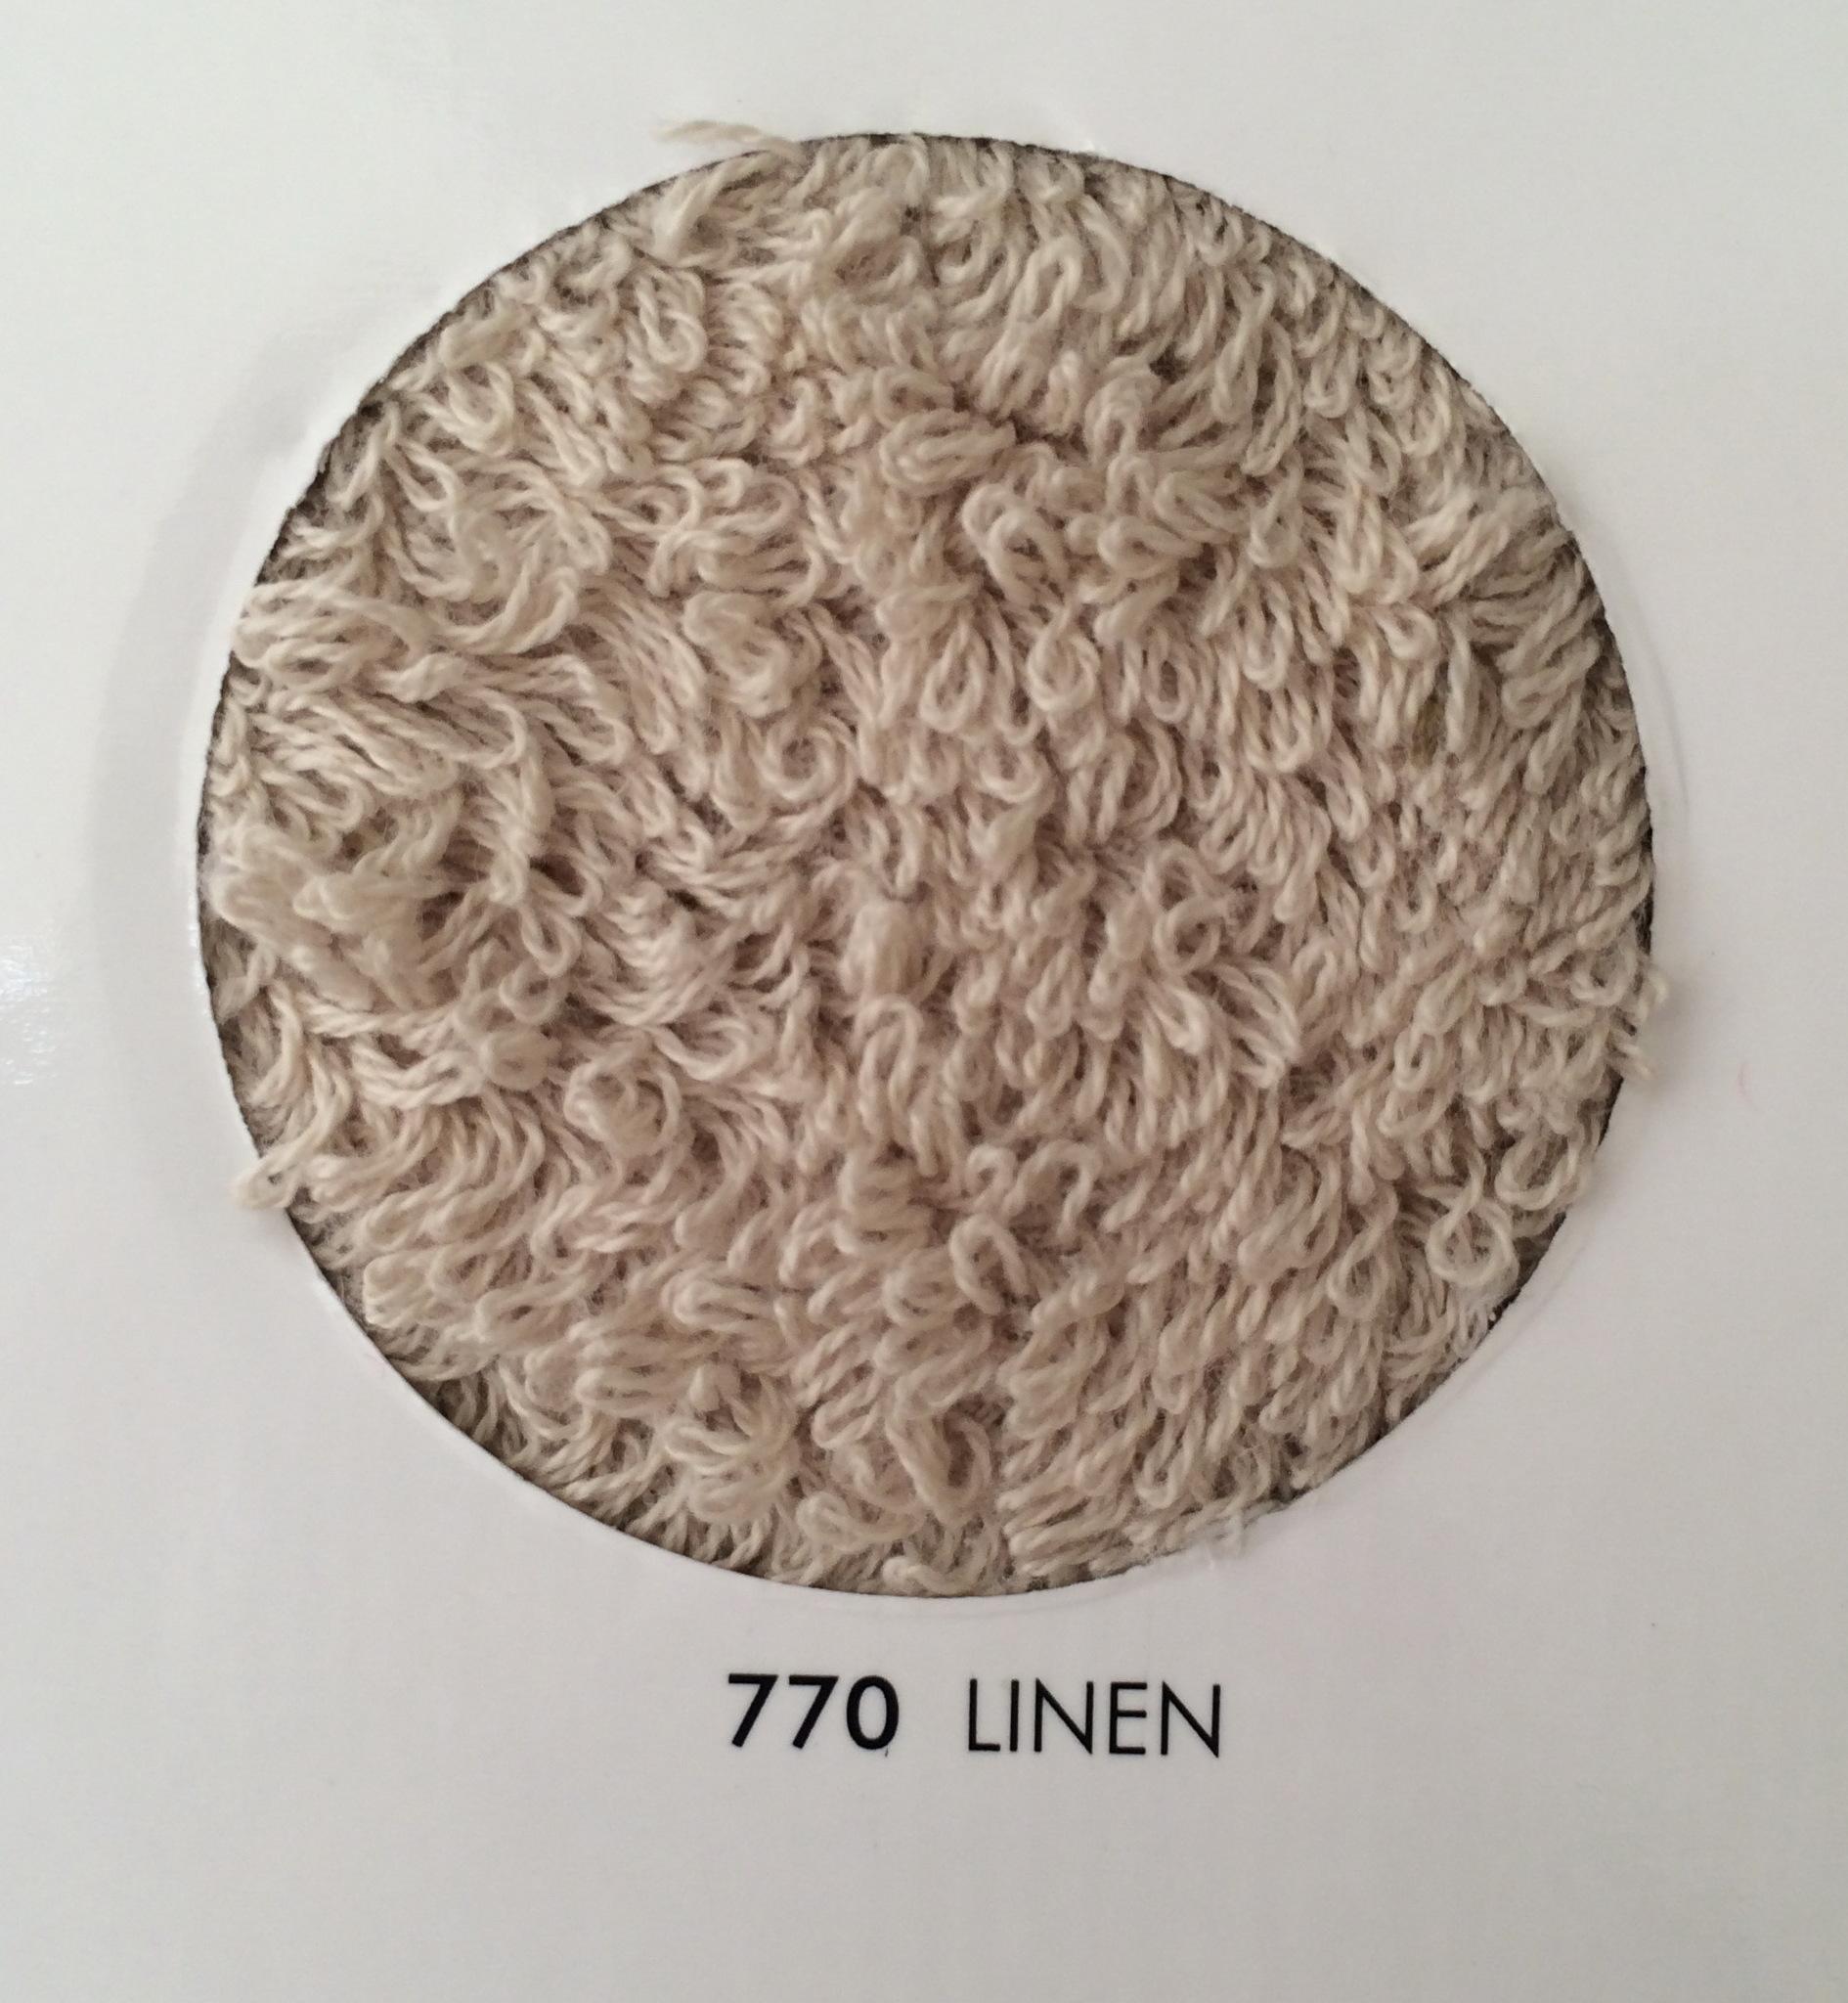 Коврики для унитаза Коврик для унитаза 60х60 Abyss & Habidecor Must 770 Linen elitnyy-kovrik-dlya-unitaza-must-770-linen-ot-abyss-habidecor-portugaliya.jpg